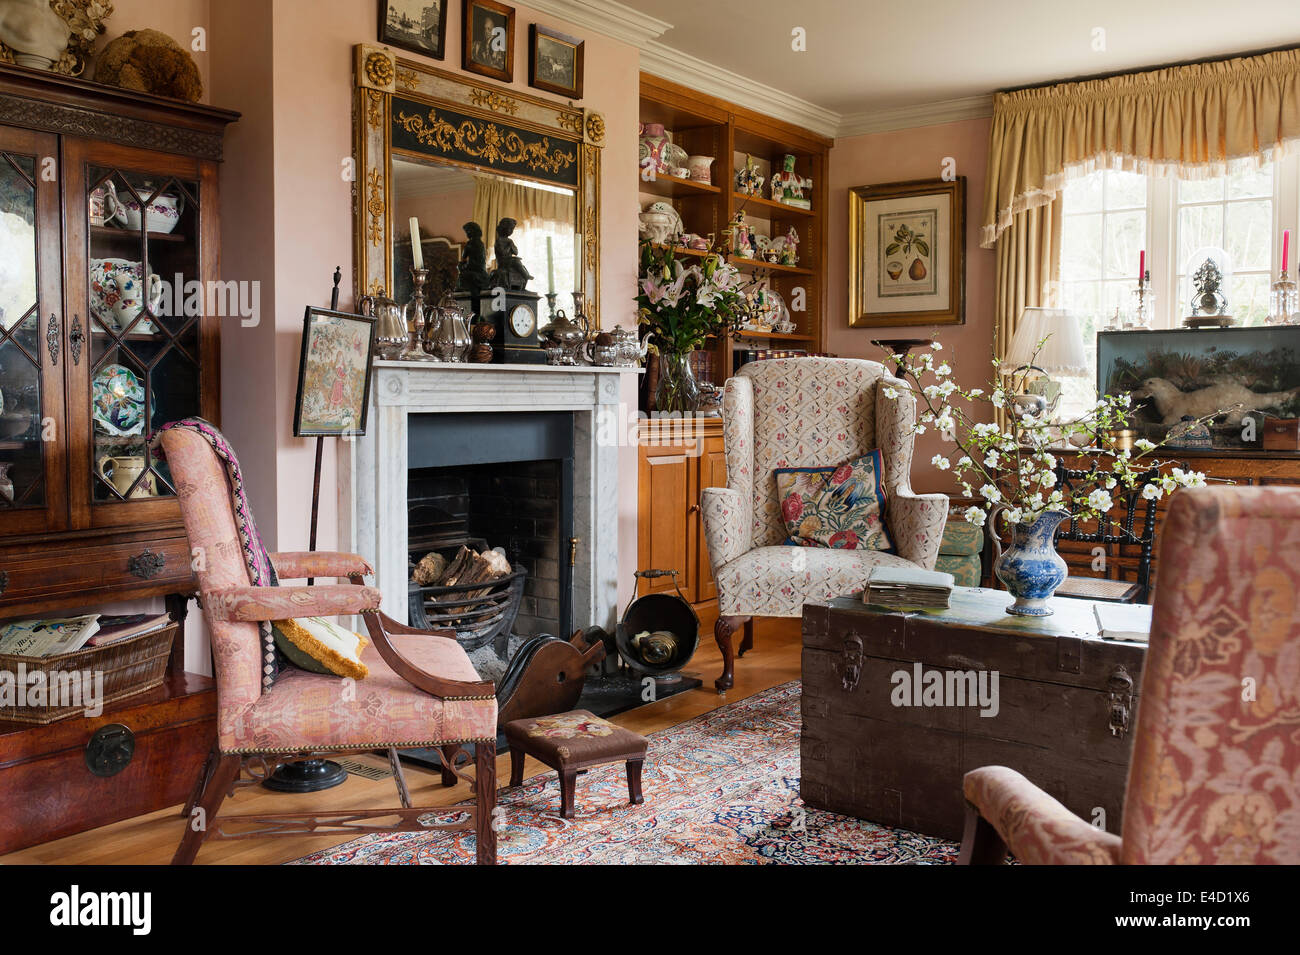 antique fireplace bellows stock photos u0026 antique fireplace bellows